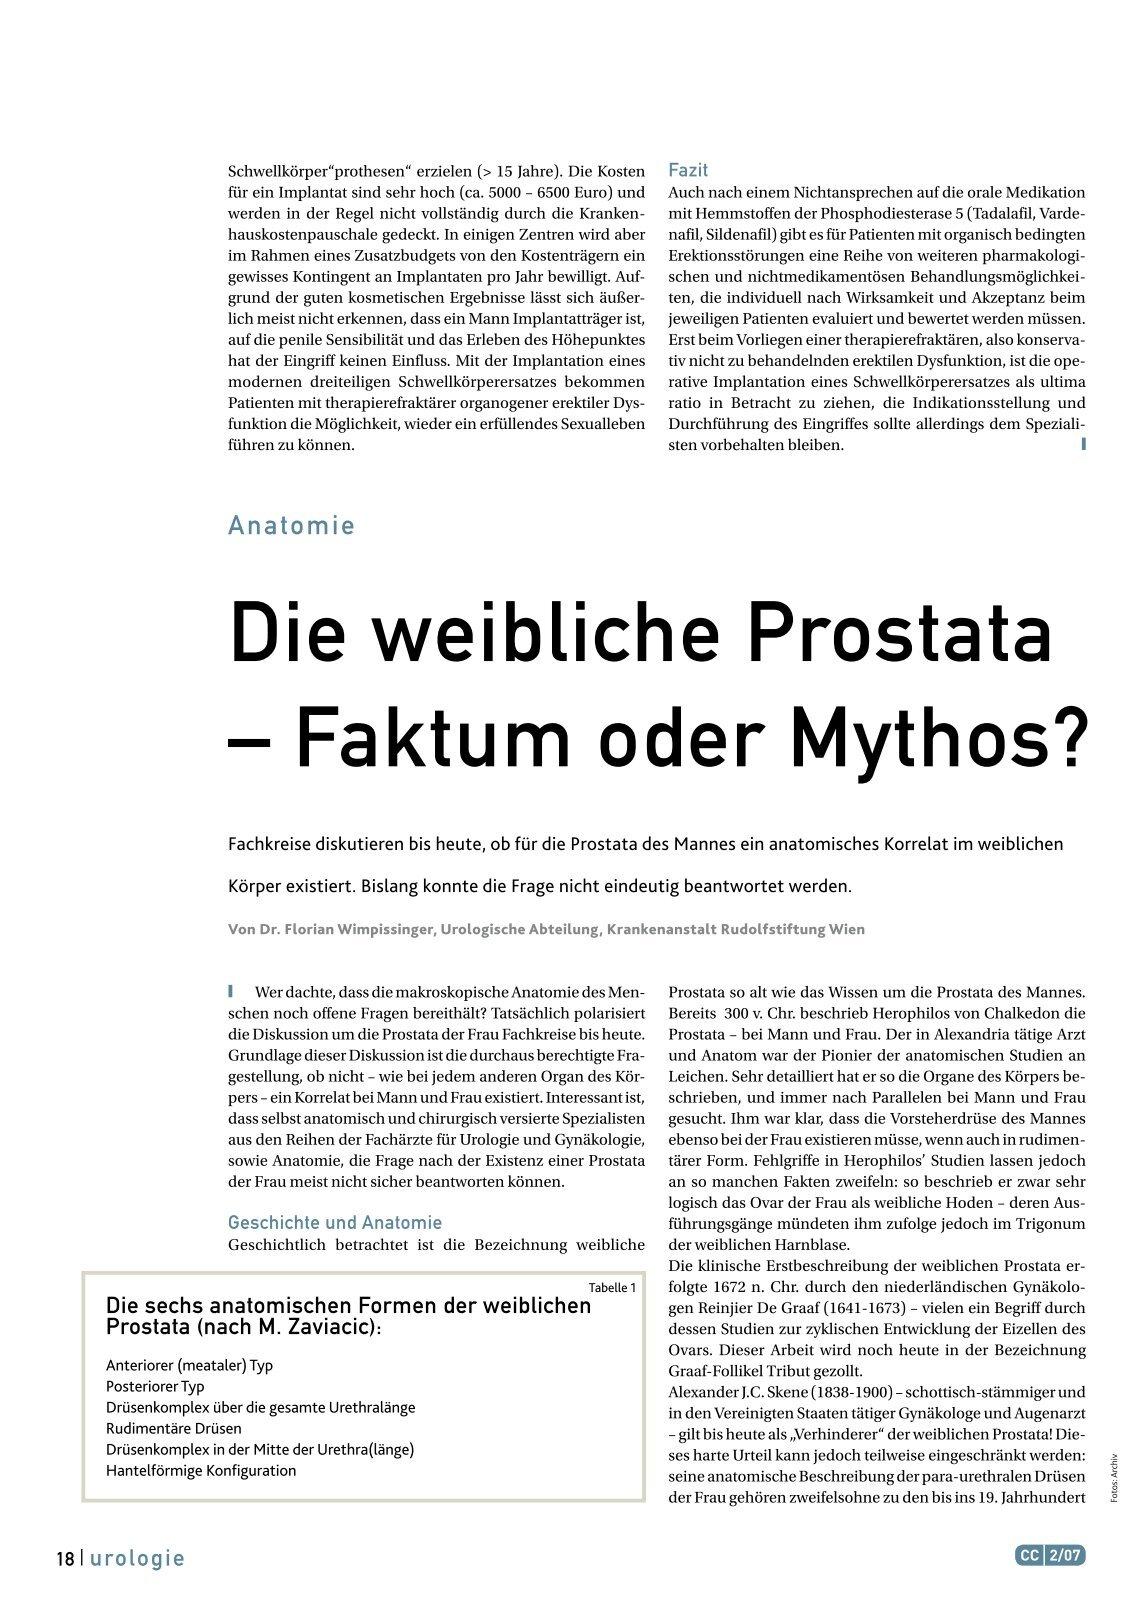 Niedlich Weibliche Prostata Anatomie Bilder - Physiologie Von ...